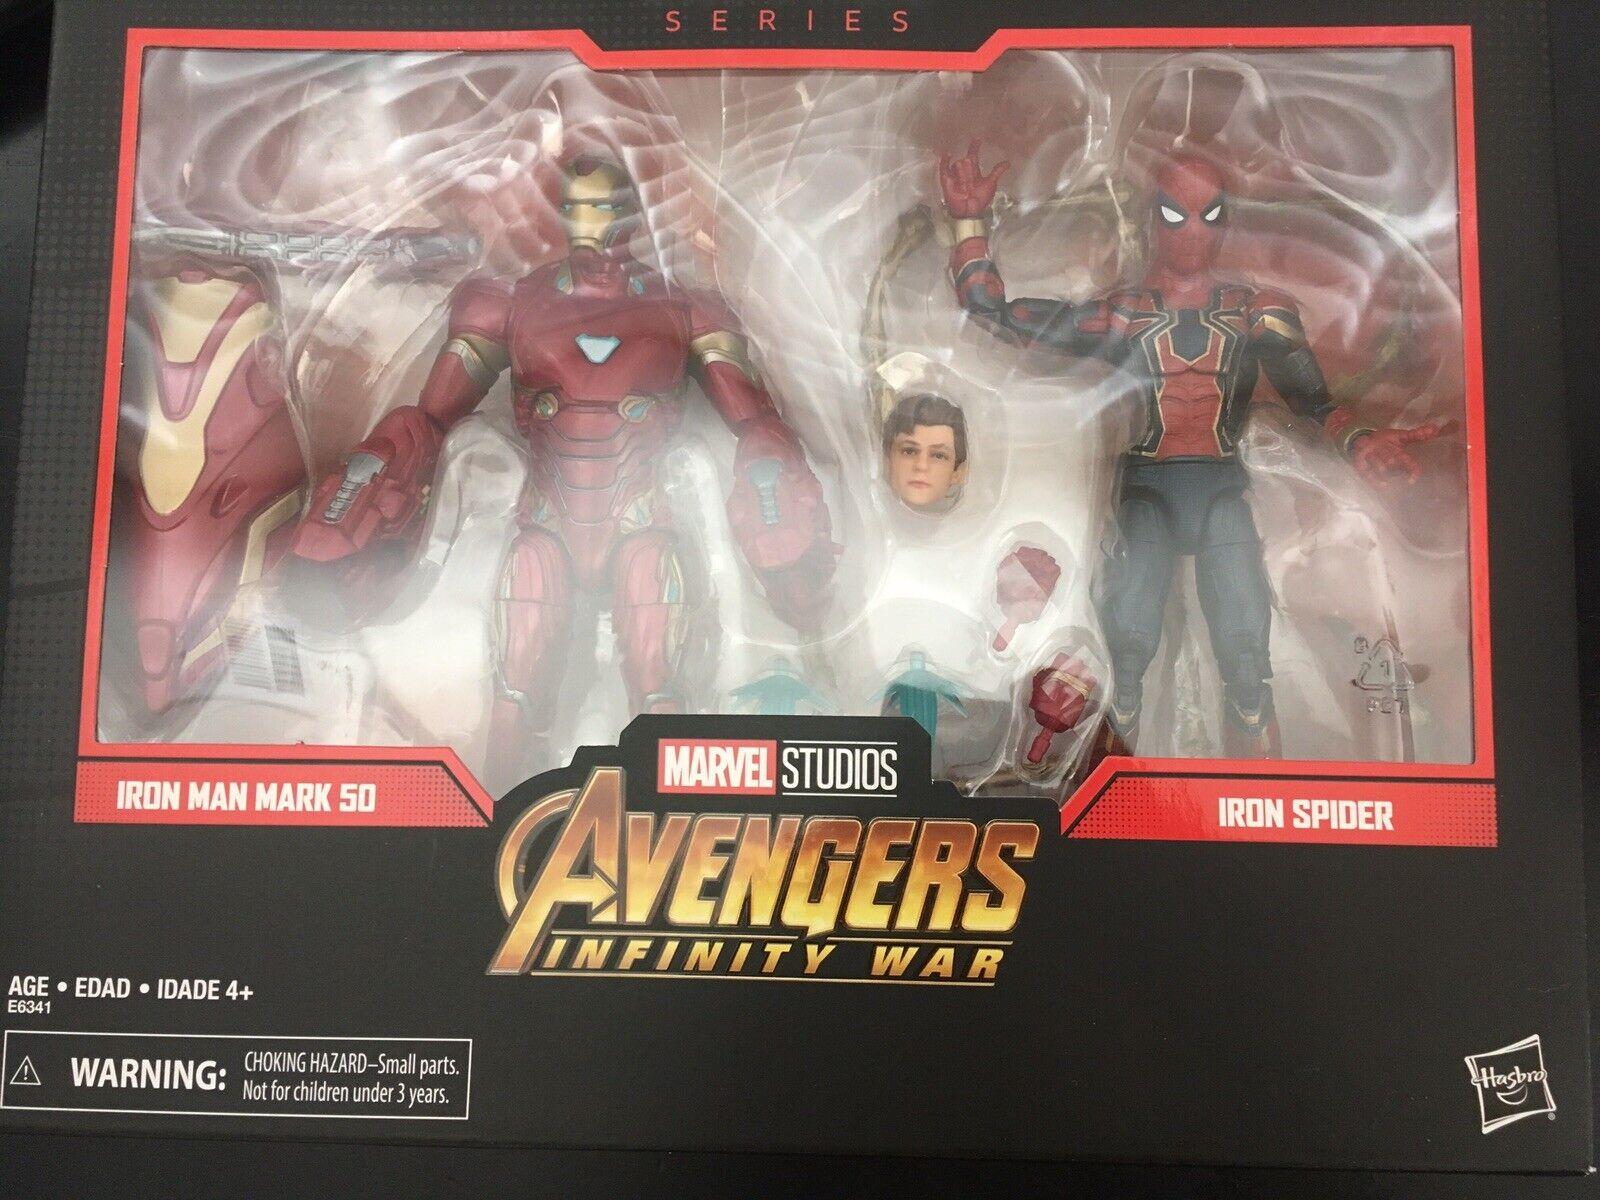 Los Vengadores Infinito De La Guerra de Leyendas Marvel Iron Man Mark 50 & Iron Spider-Paquete de 2